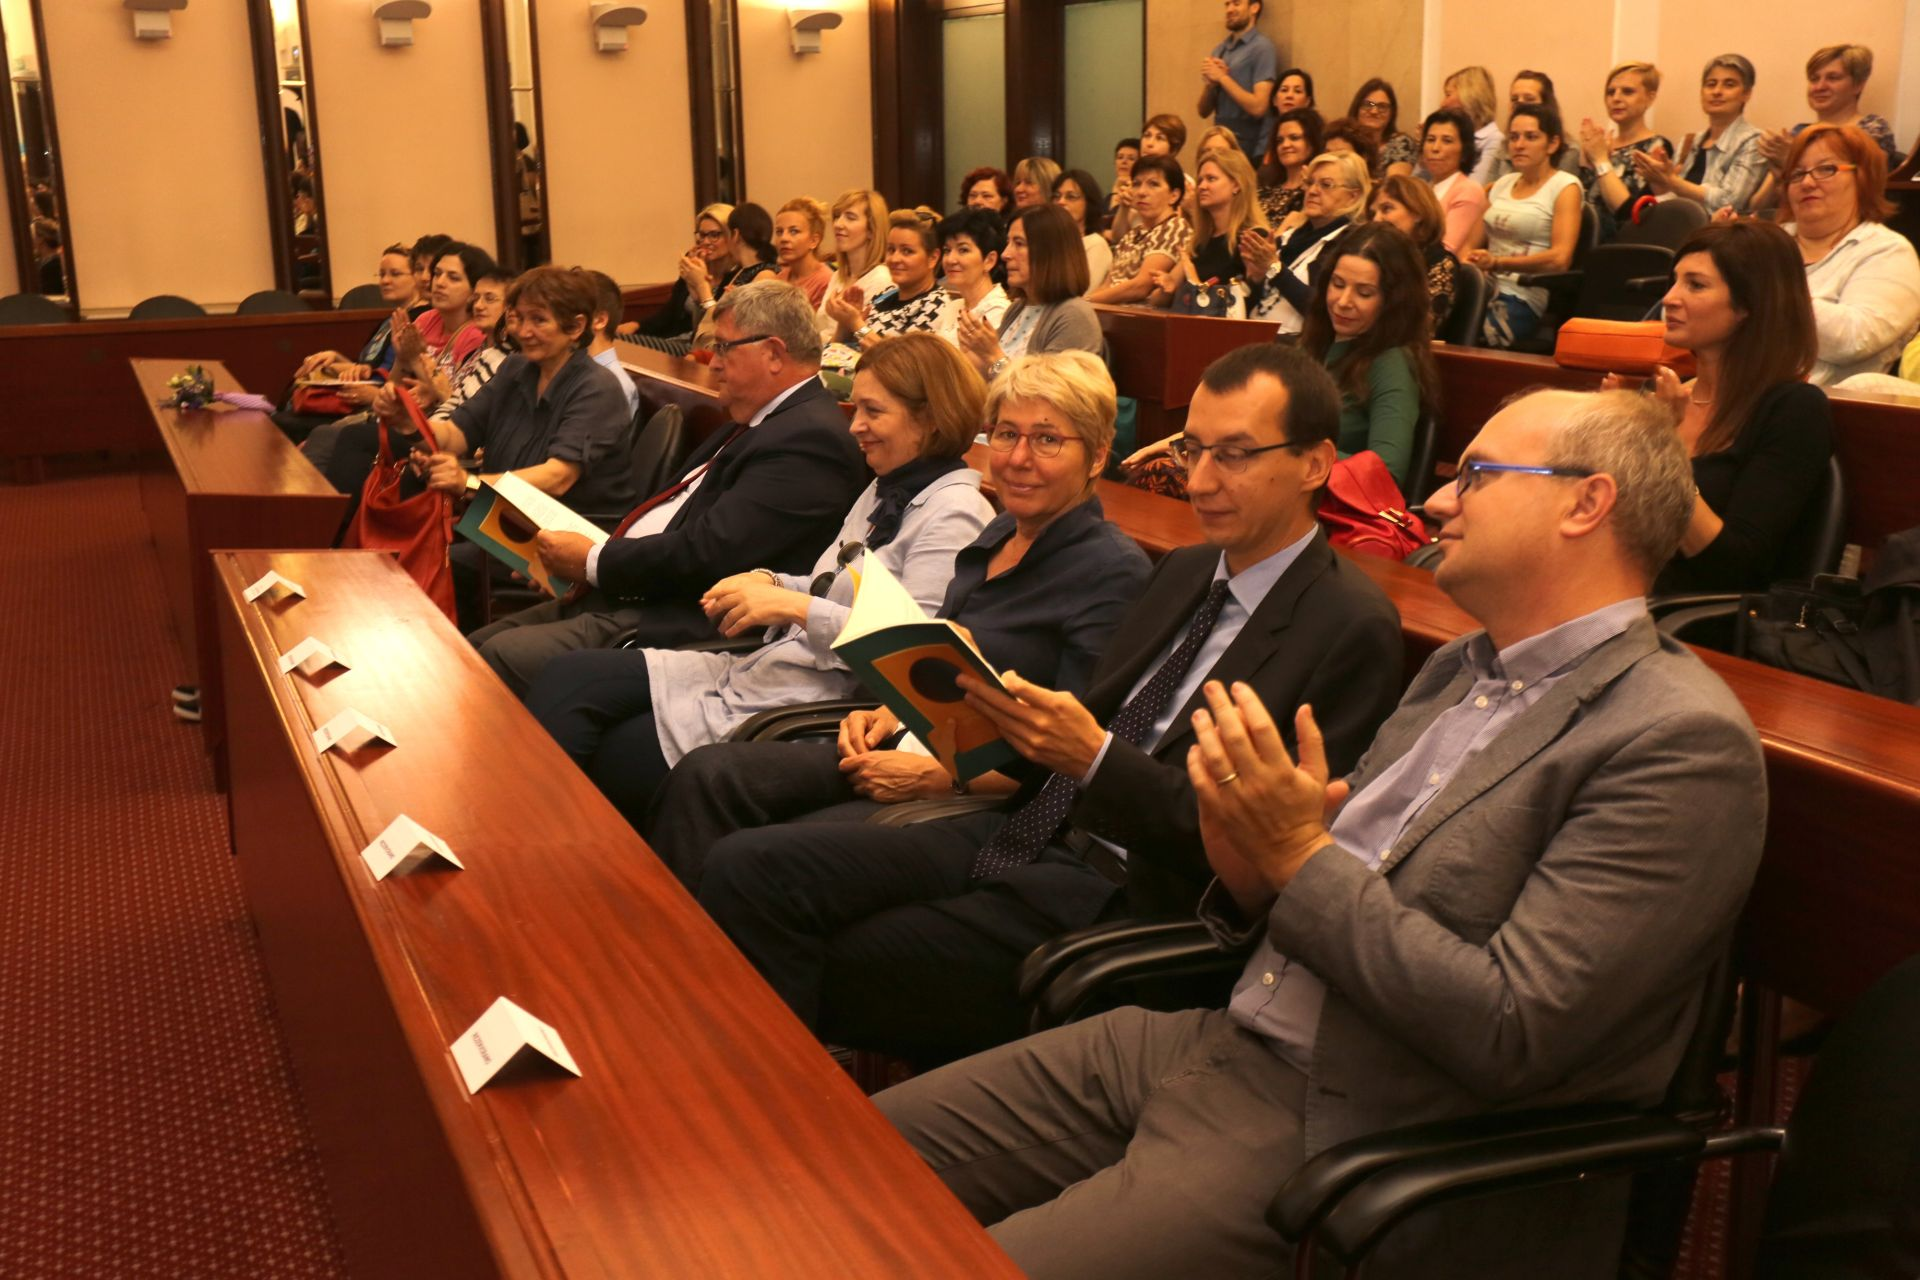 PRVI U HRVATSKOJ: U Rijeci predstavljen priručnik za Građanski odgoj i obrazovanje u školama